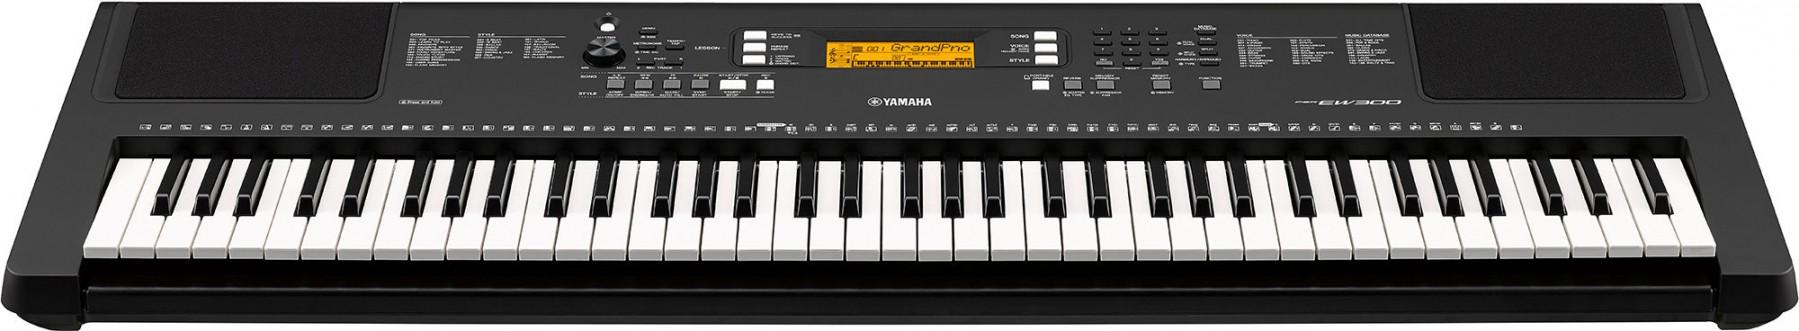 Yamaha psr ew300 for Yamaha psr ew300 keyboard